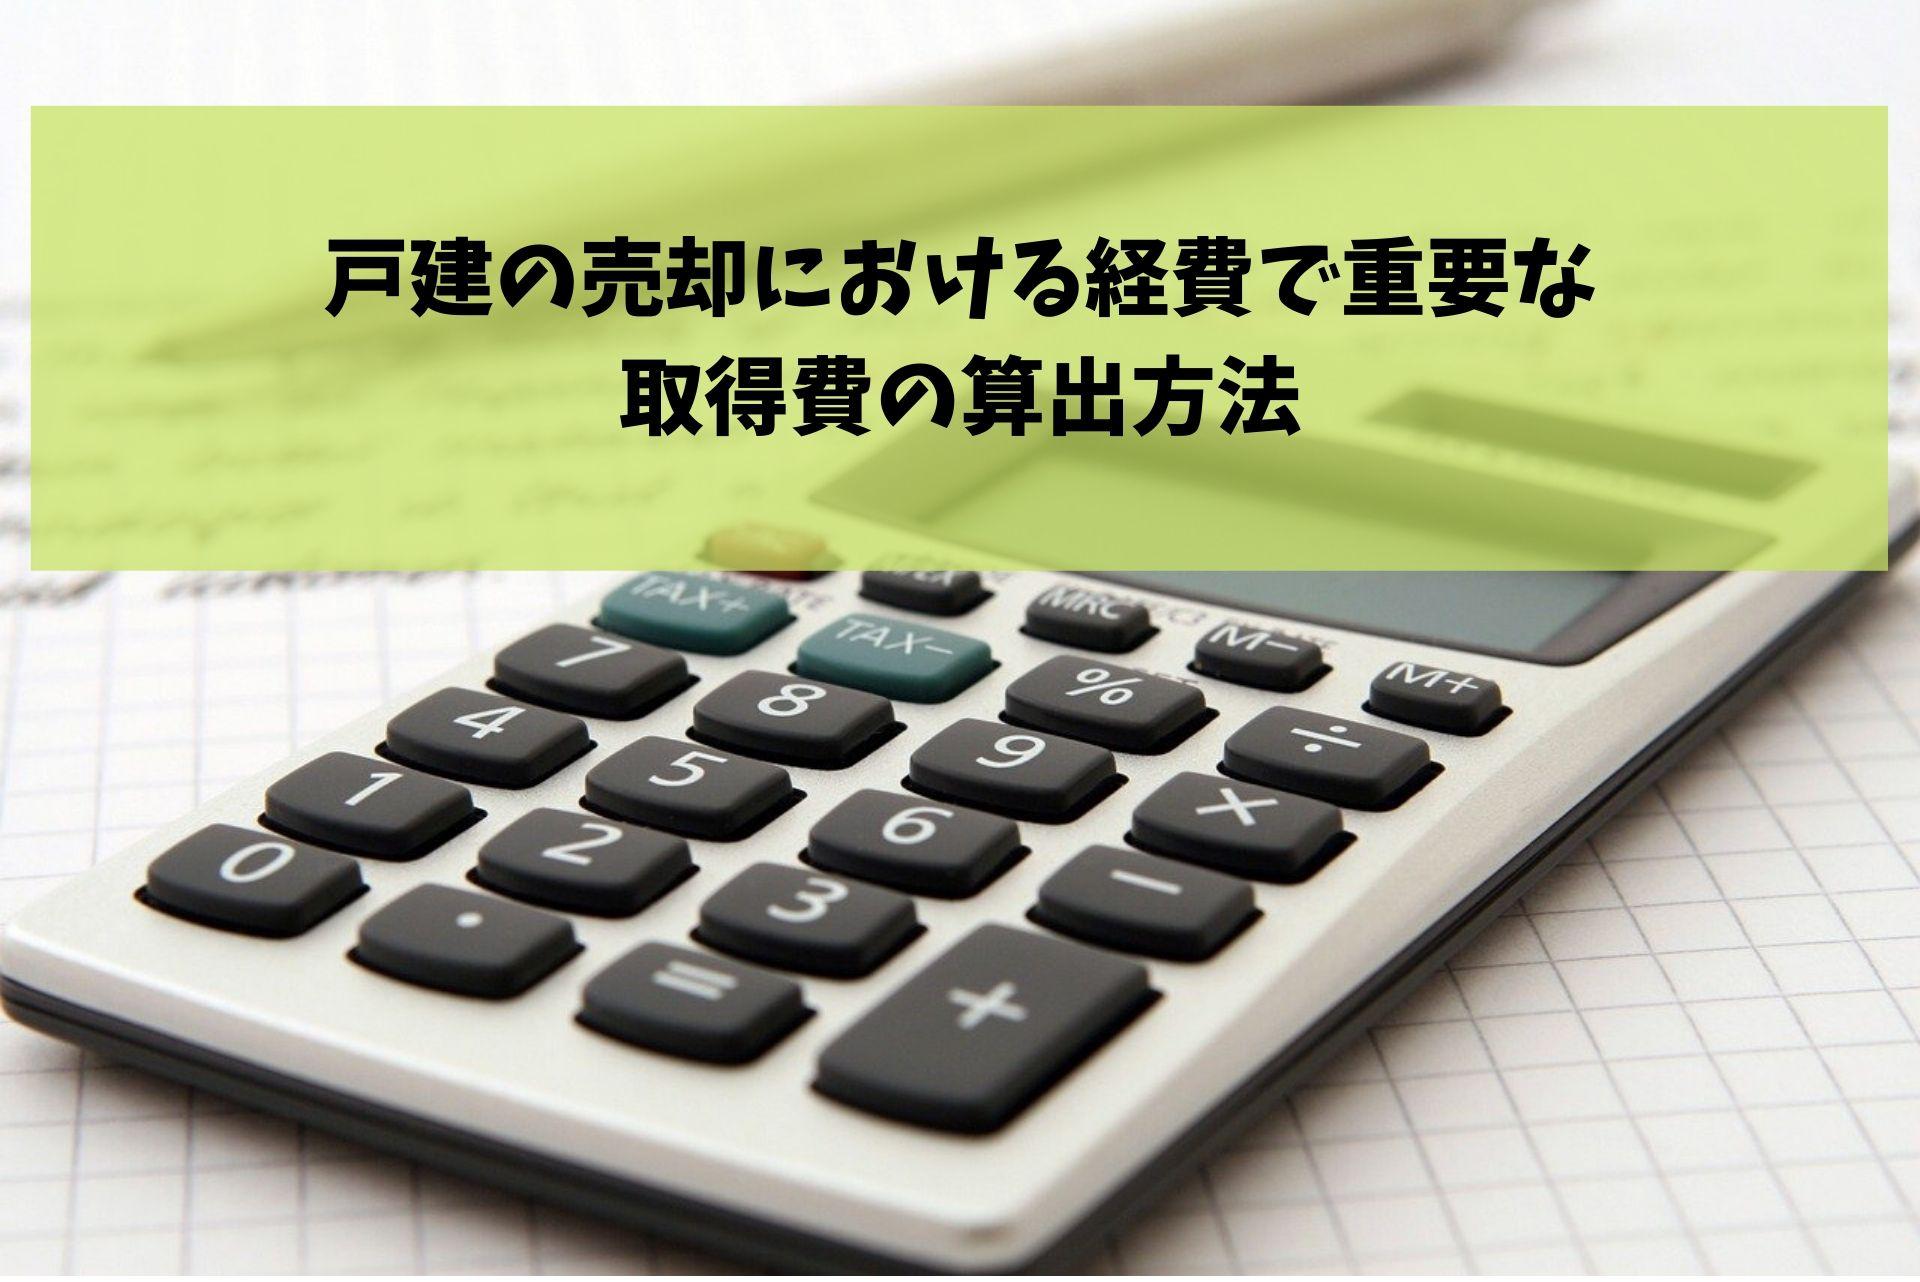 戸建の売却における経費で重要な取得費の算出方法